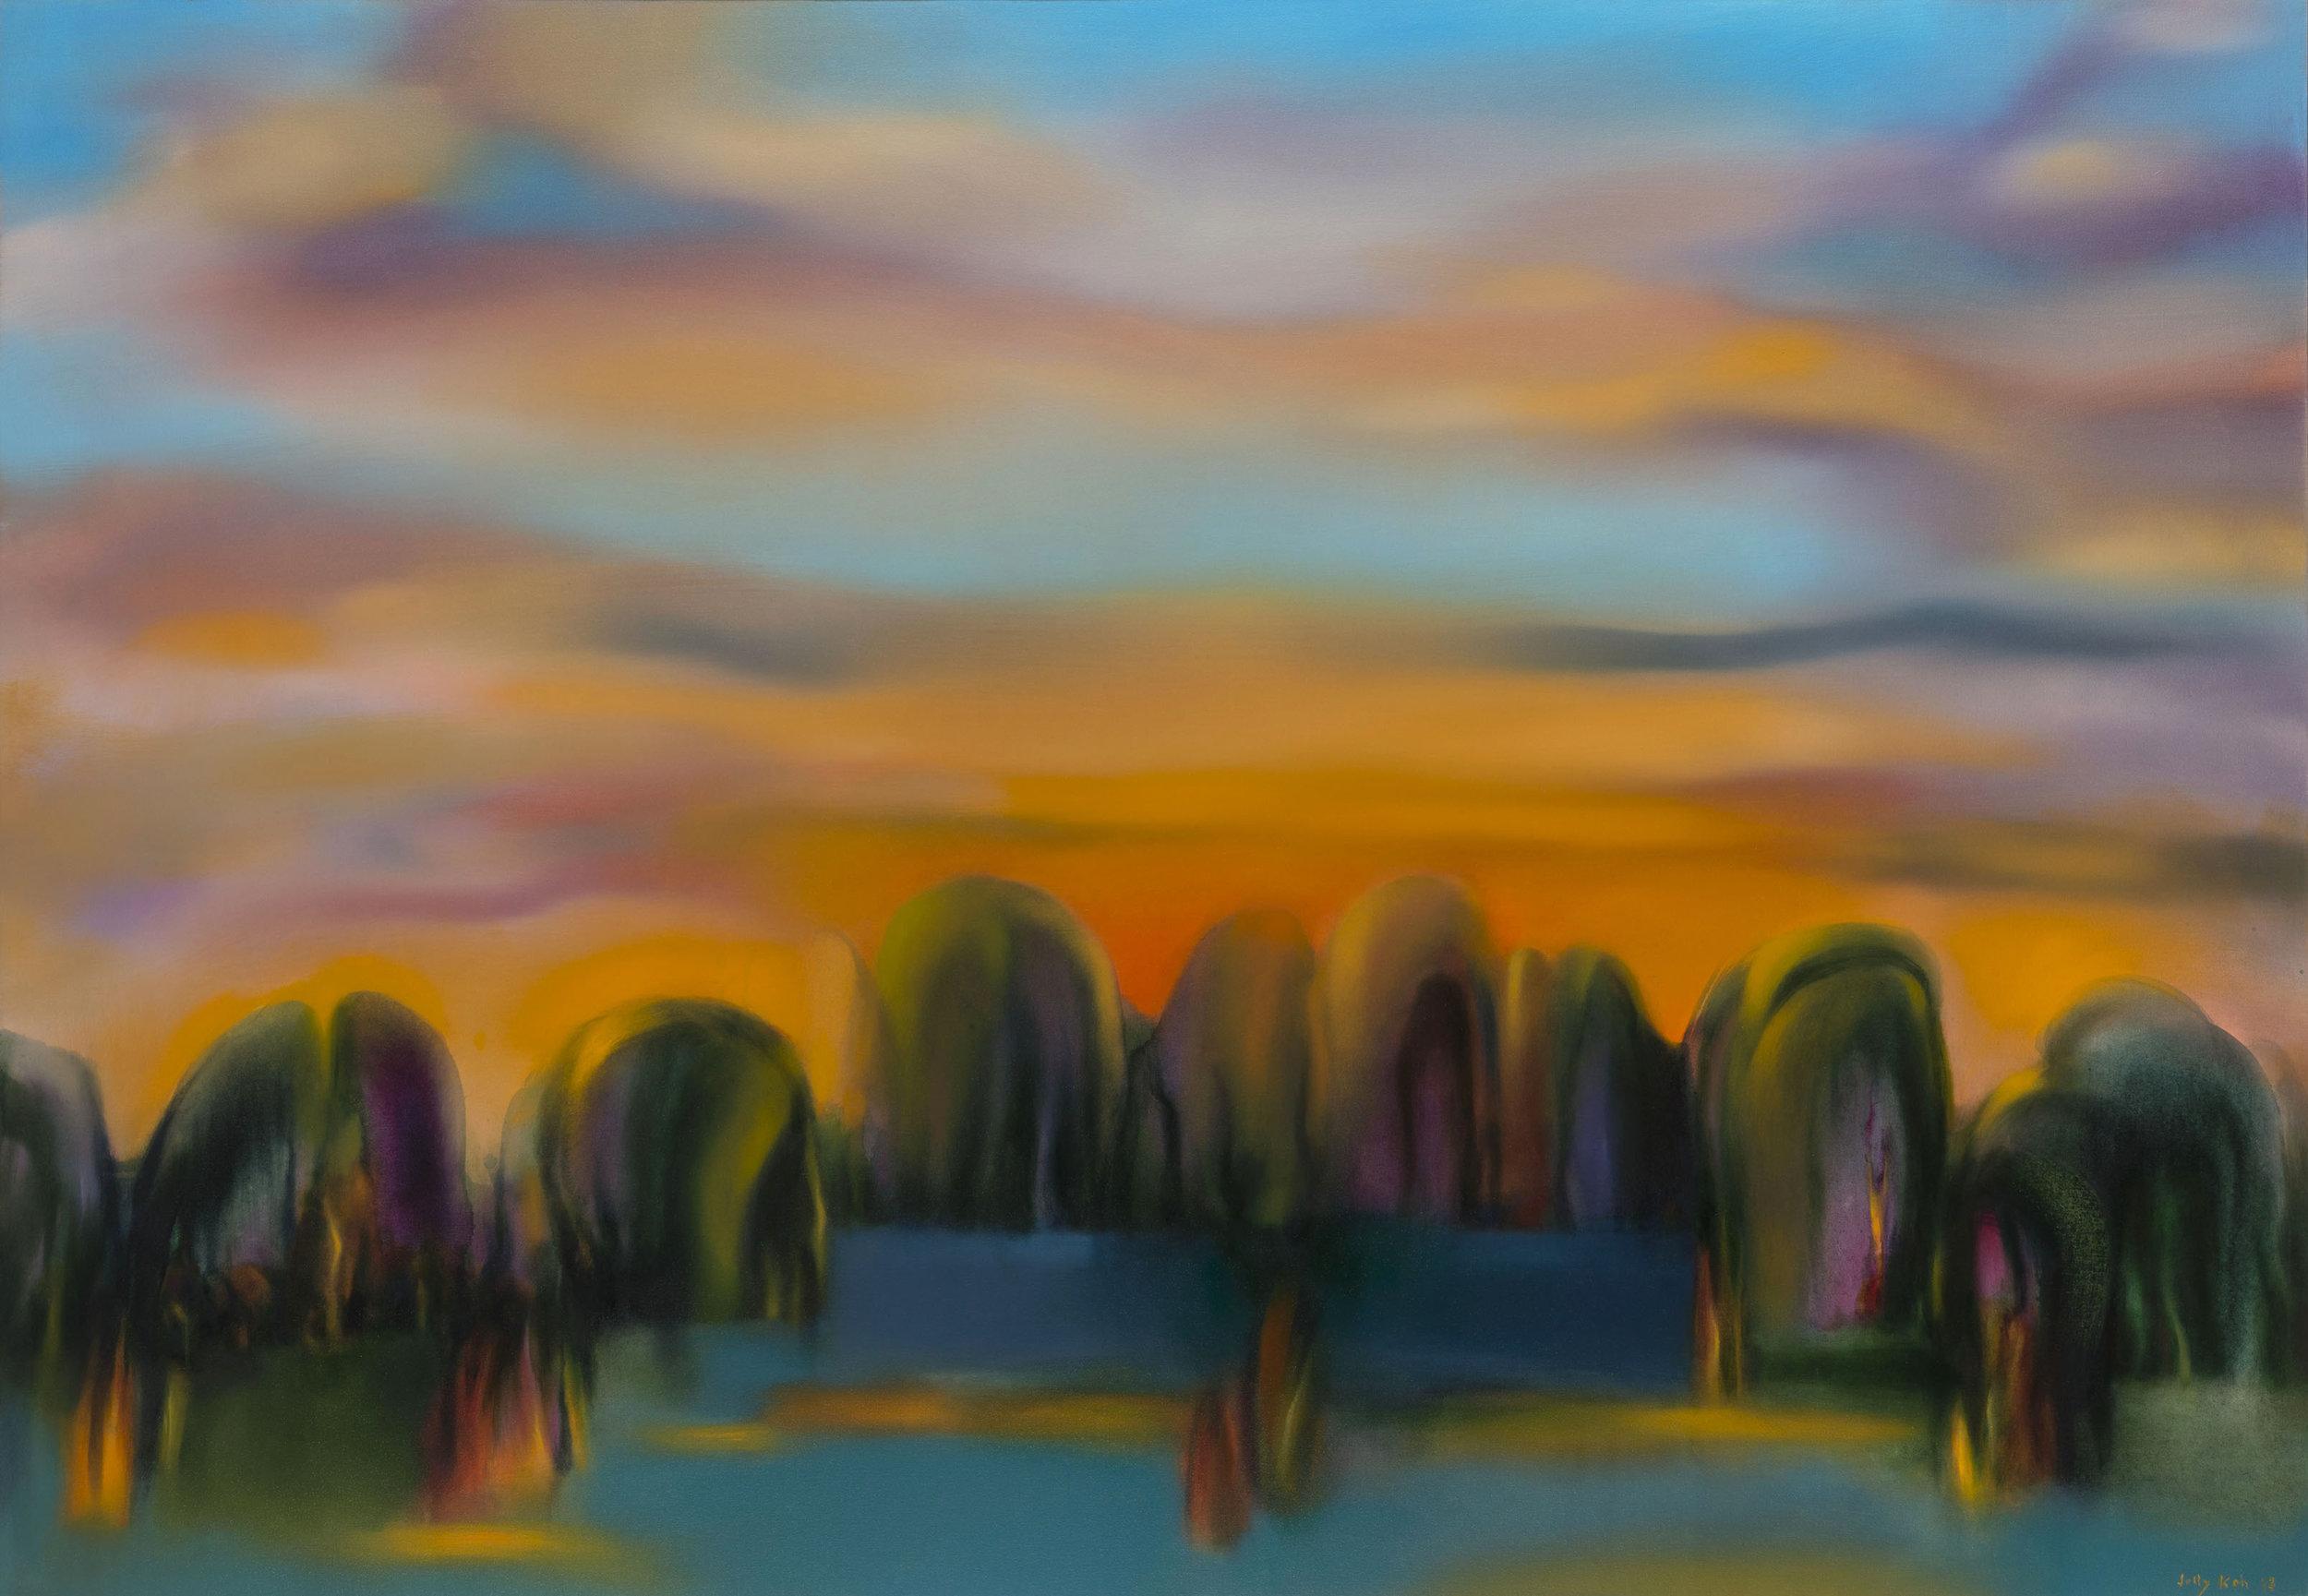 Cerulean Sky